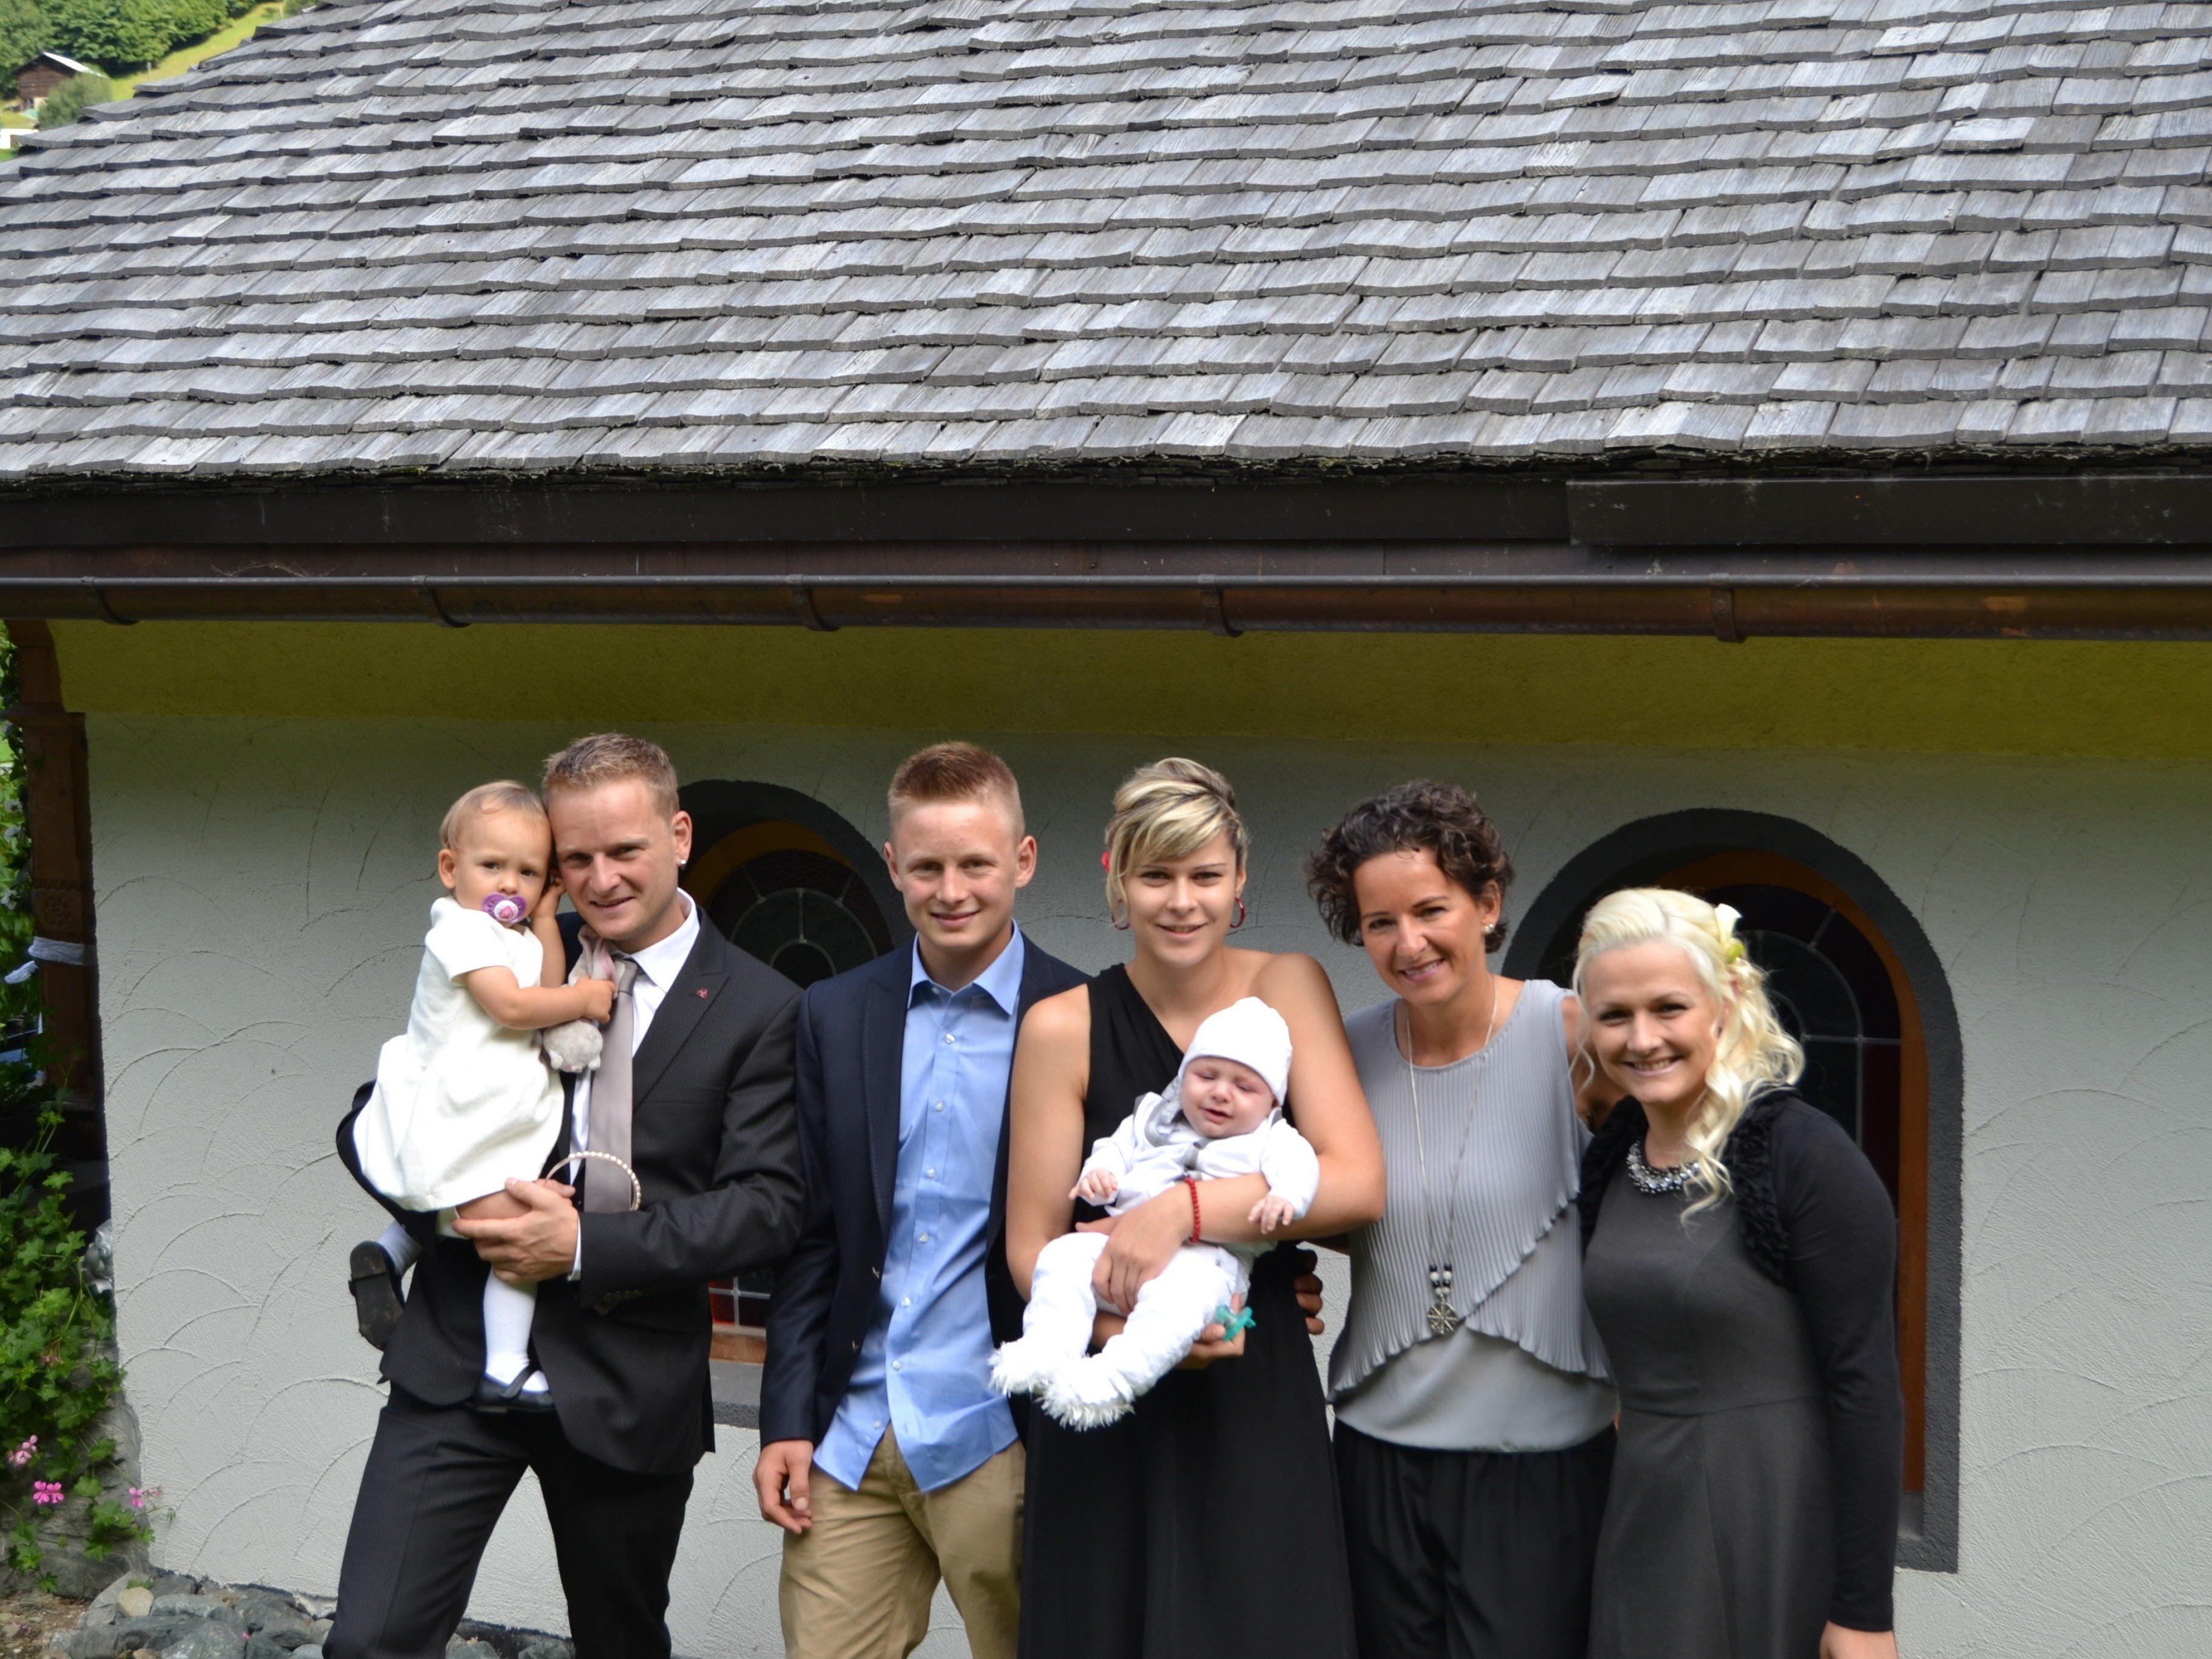 Taufe von Linus Marent mit den Eltern und den Taufpaten.